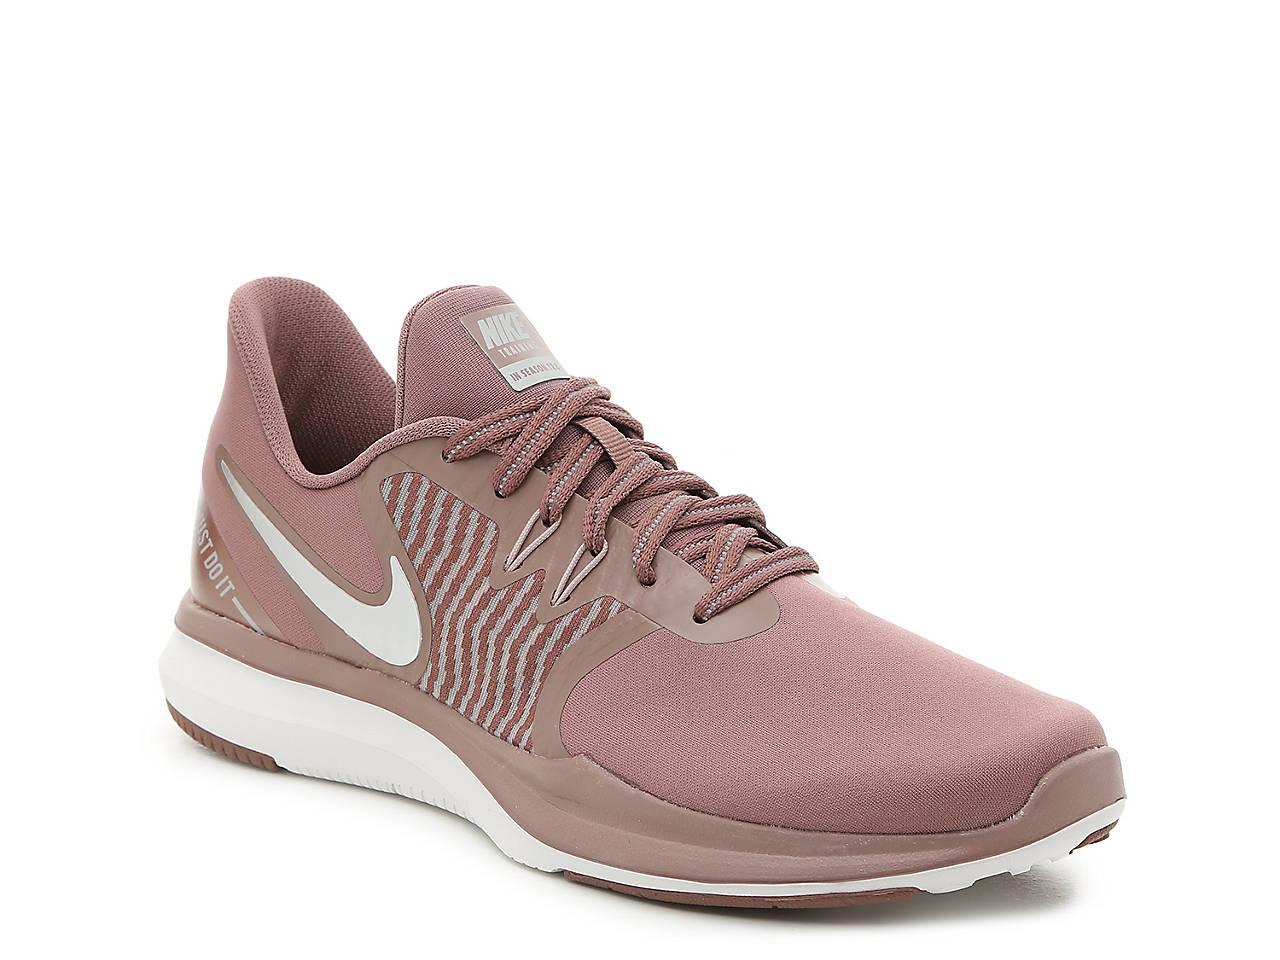 b12f01f1e290 Nike In Season TR 8 Lightweight Training Shoe - Women s Women s ...